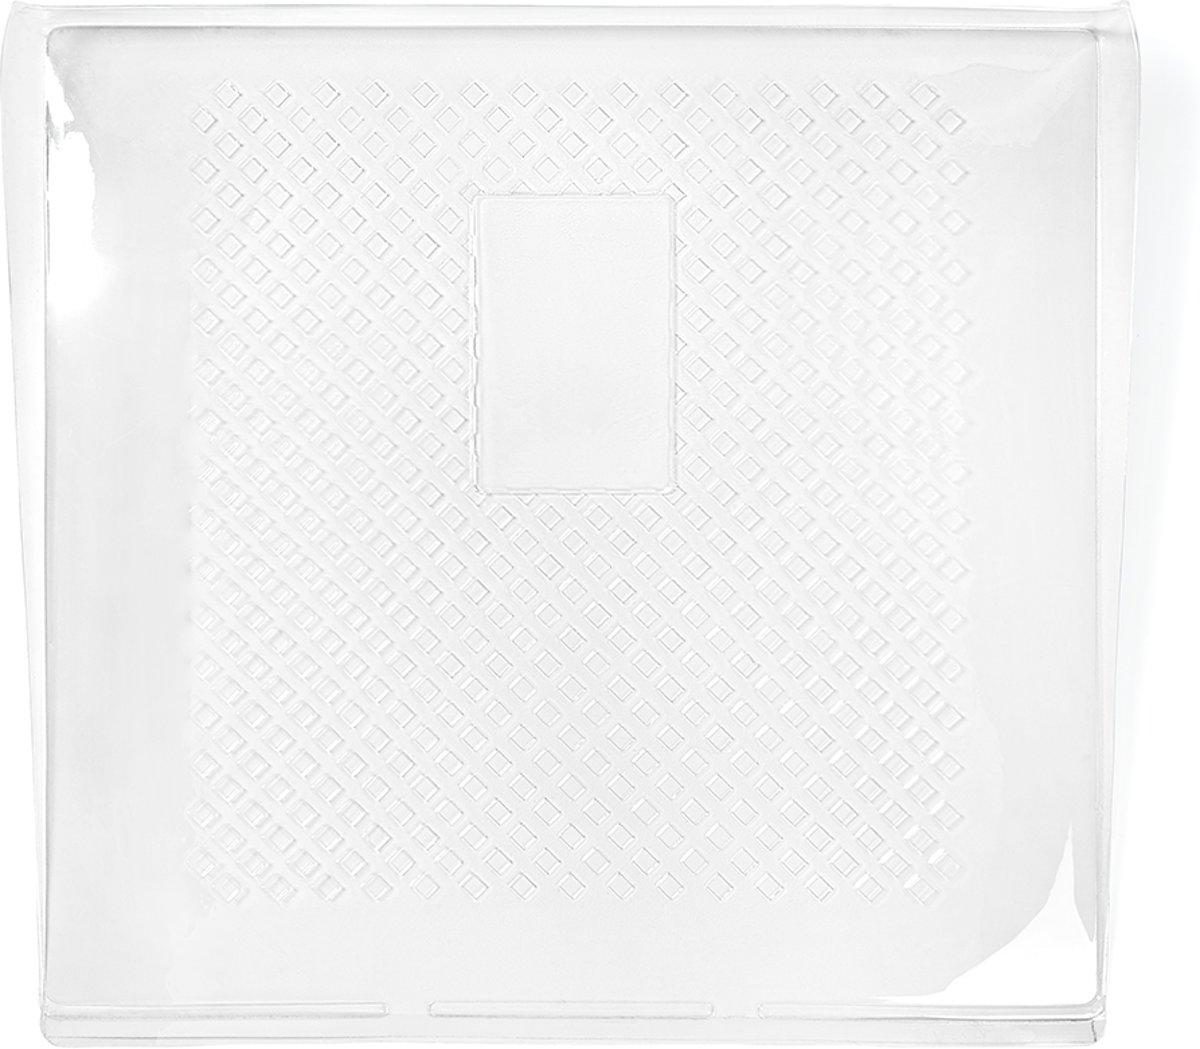 Lekbak | Koelkast / Diepvries | 55 cm | Transparant kopen